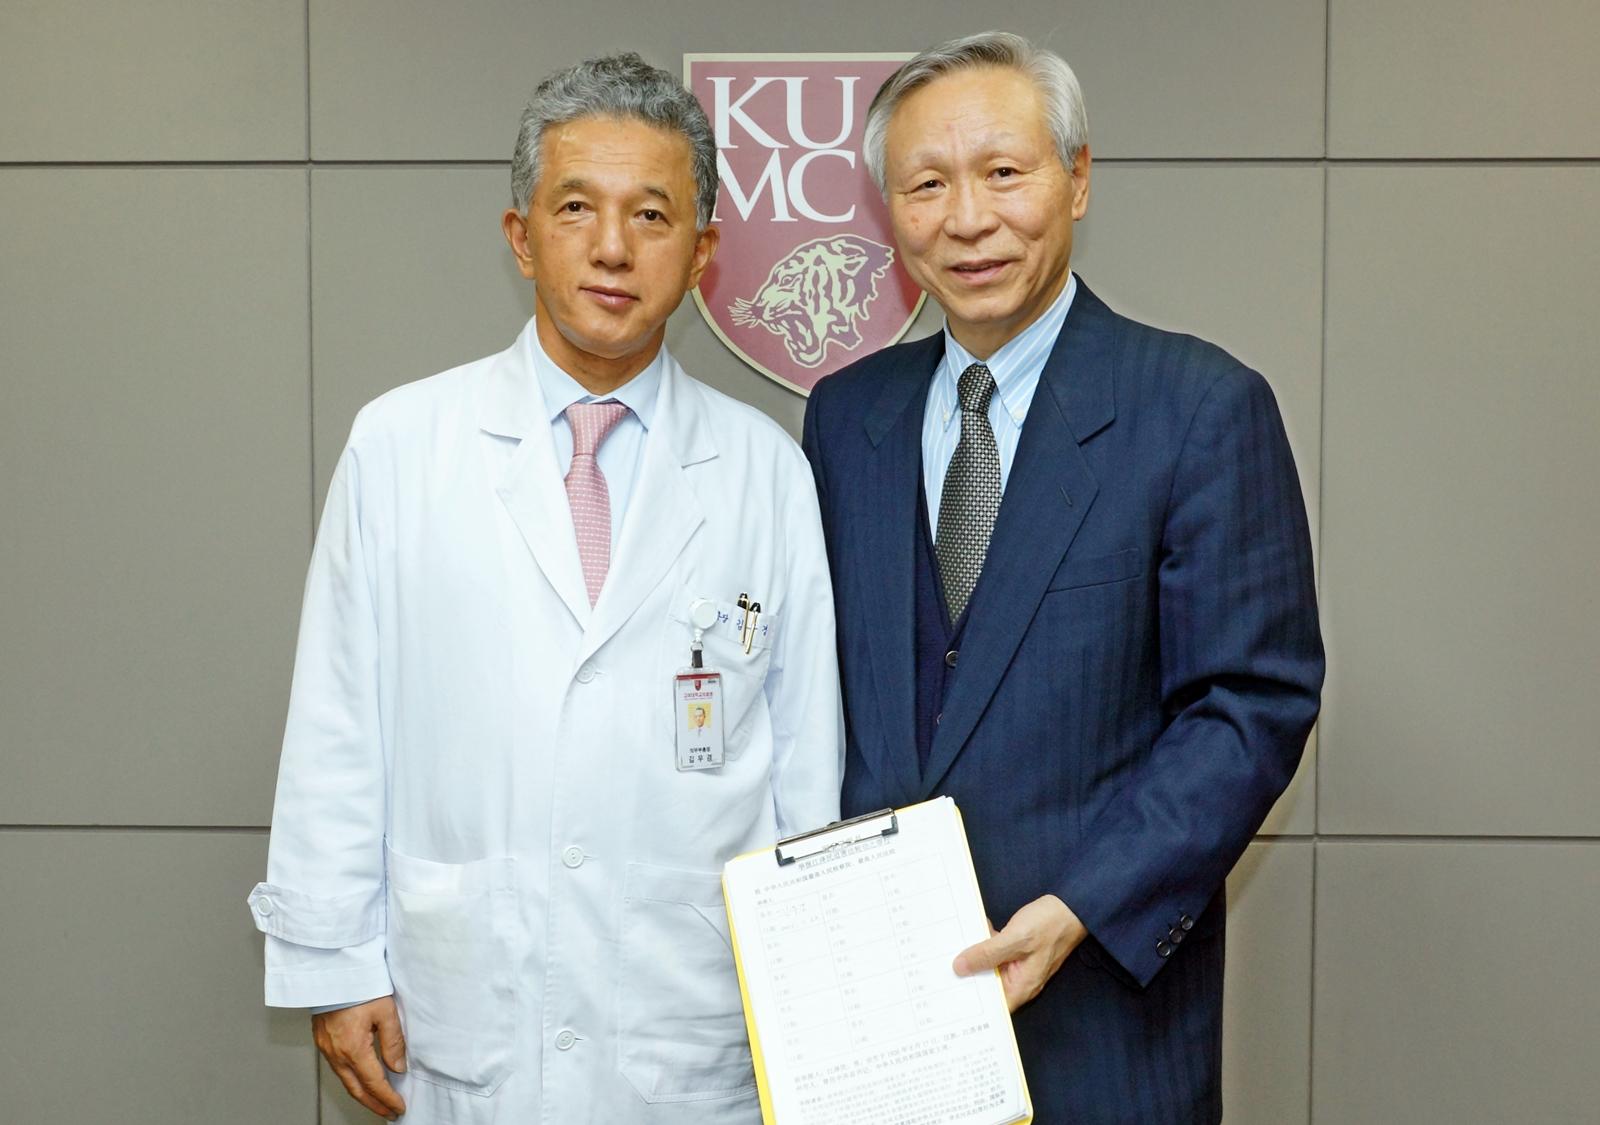 고려대의료원장 김우경 교수(왼쪽)와 이승원 IAEOT 회장이 고발 연대 서명에 동참한 후 함께 사진 촬영을 했다. 사진=국제장기이식윤리협회